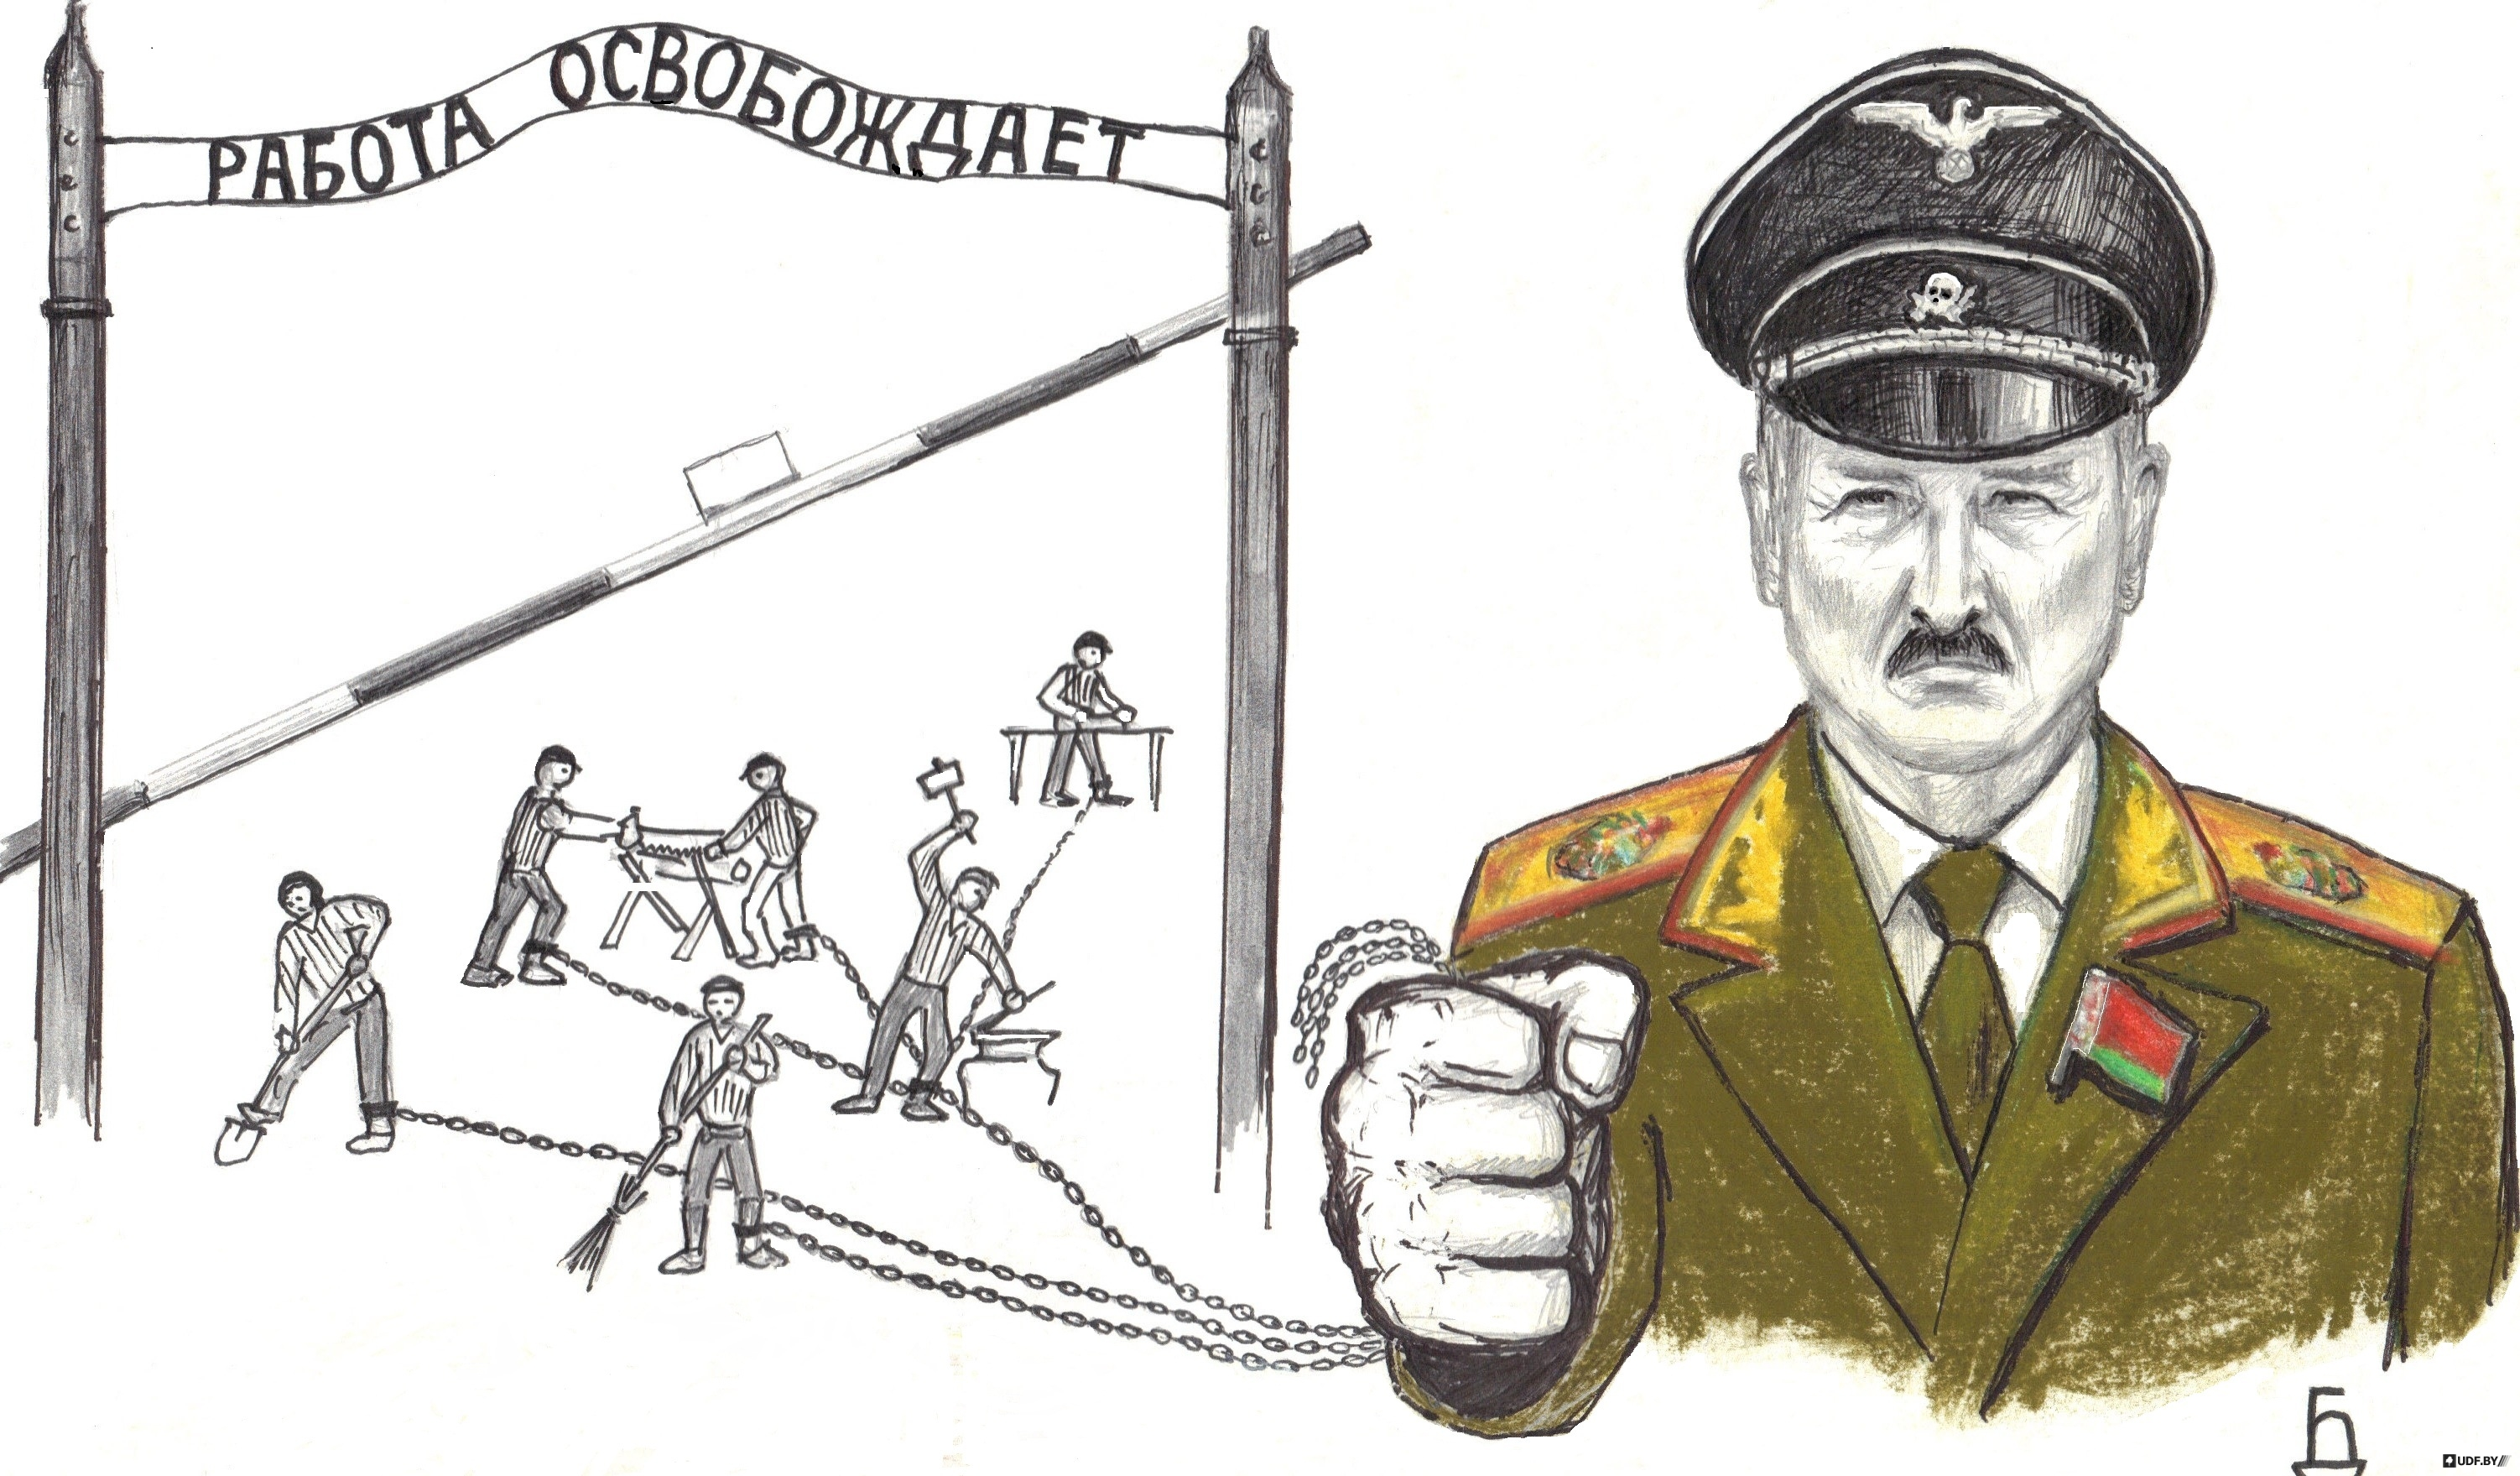 Зустріч Порошенка і Лукашенка планується восени в Гомелі, - посол - Цензор.НЕТ 5948